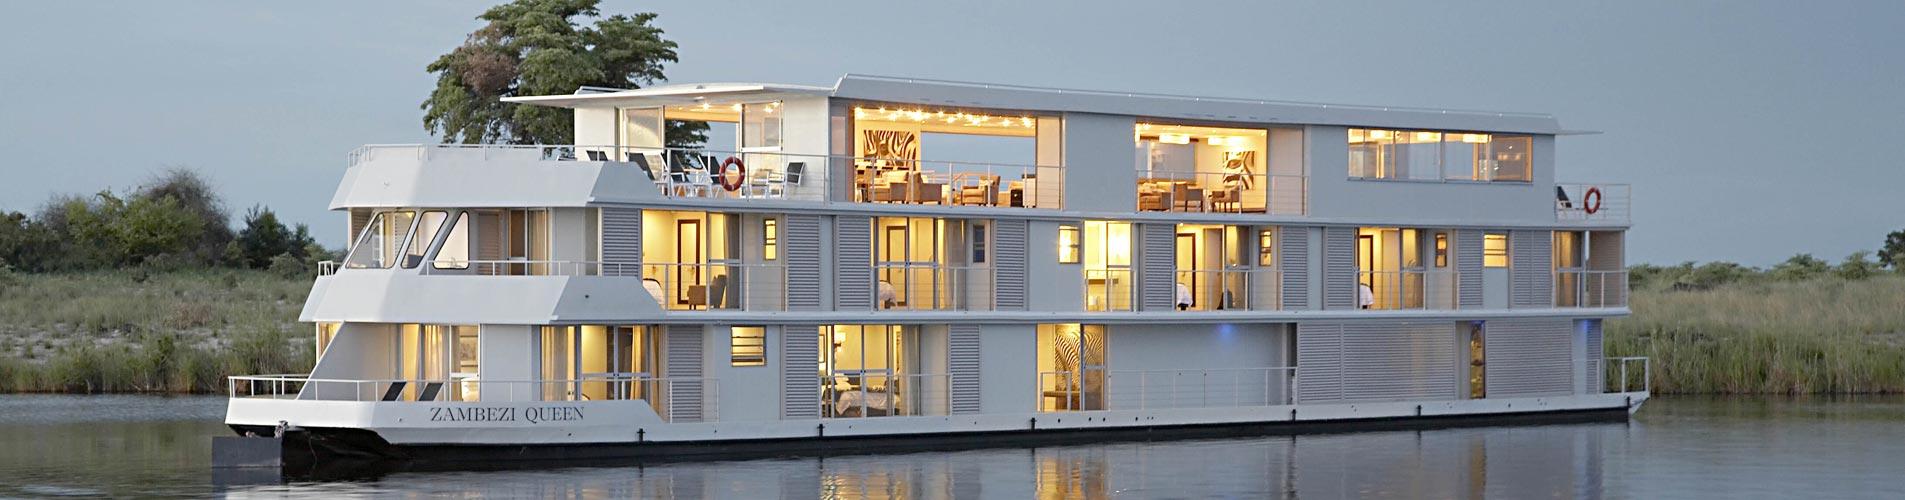 Custom Safari, Zambezi Queen Houseboat